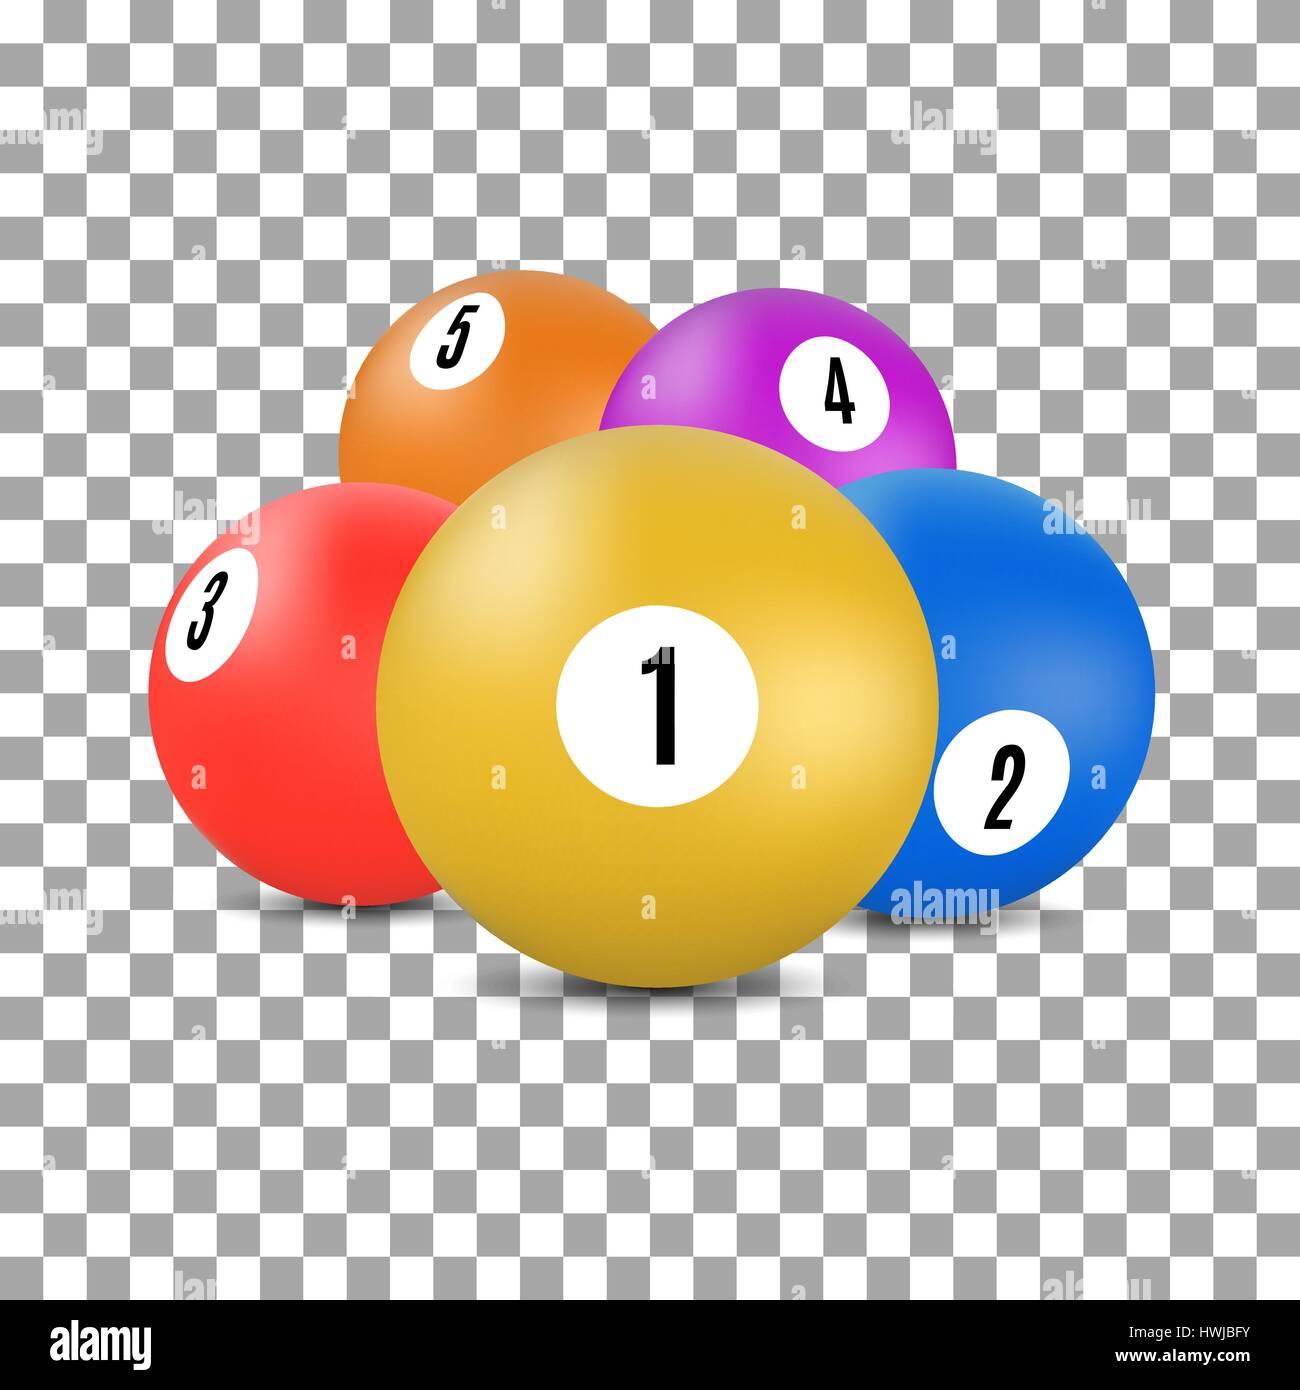 Boules multicolores avec des numéros pour une partie de billard et de billard en 3D, style vector illustration. Illustration de Vecteur